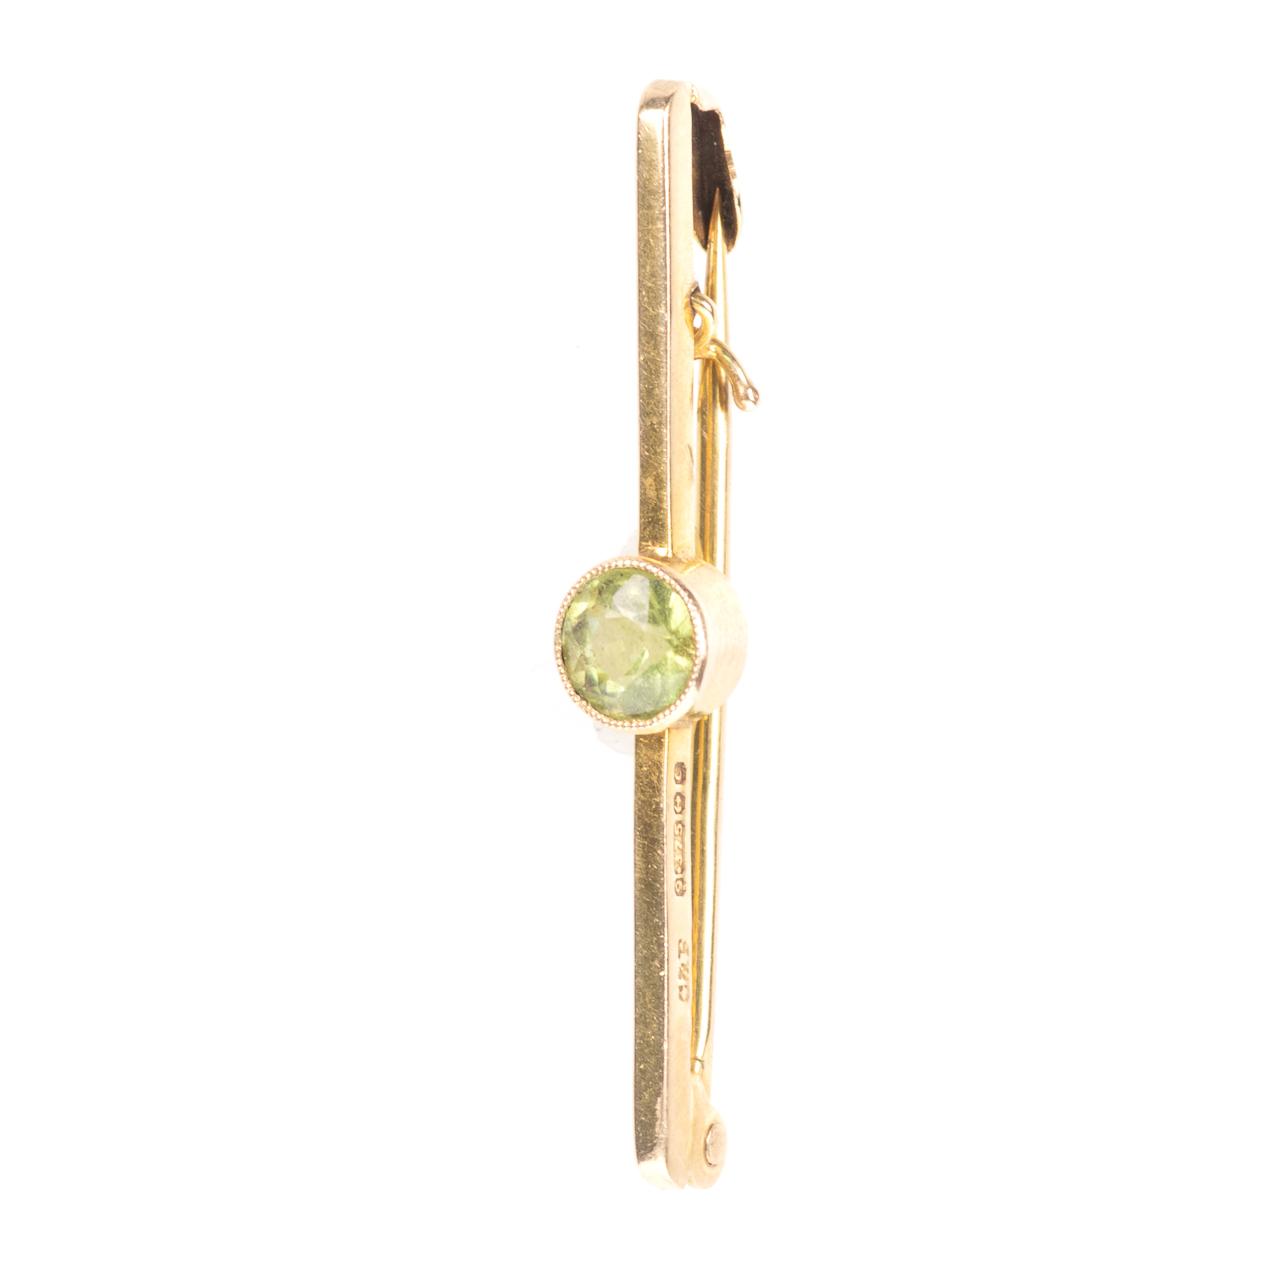 9ct Gold 0.50ct Peridot Brooch Birmingham 1977 Cropp & Farr Ltd